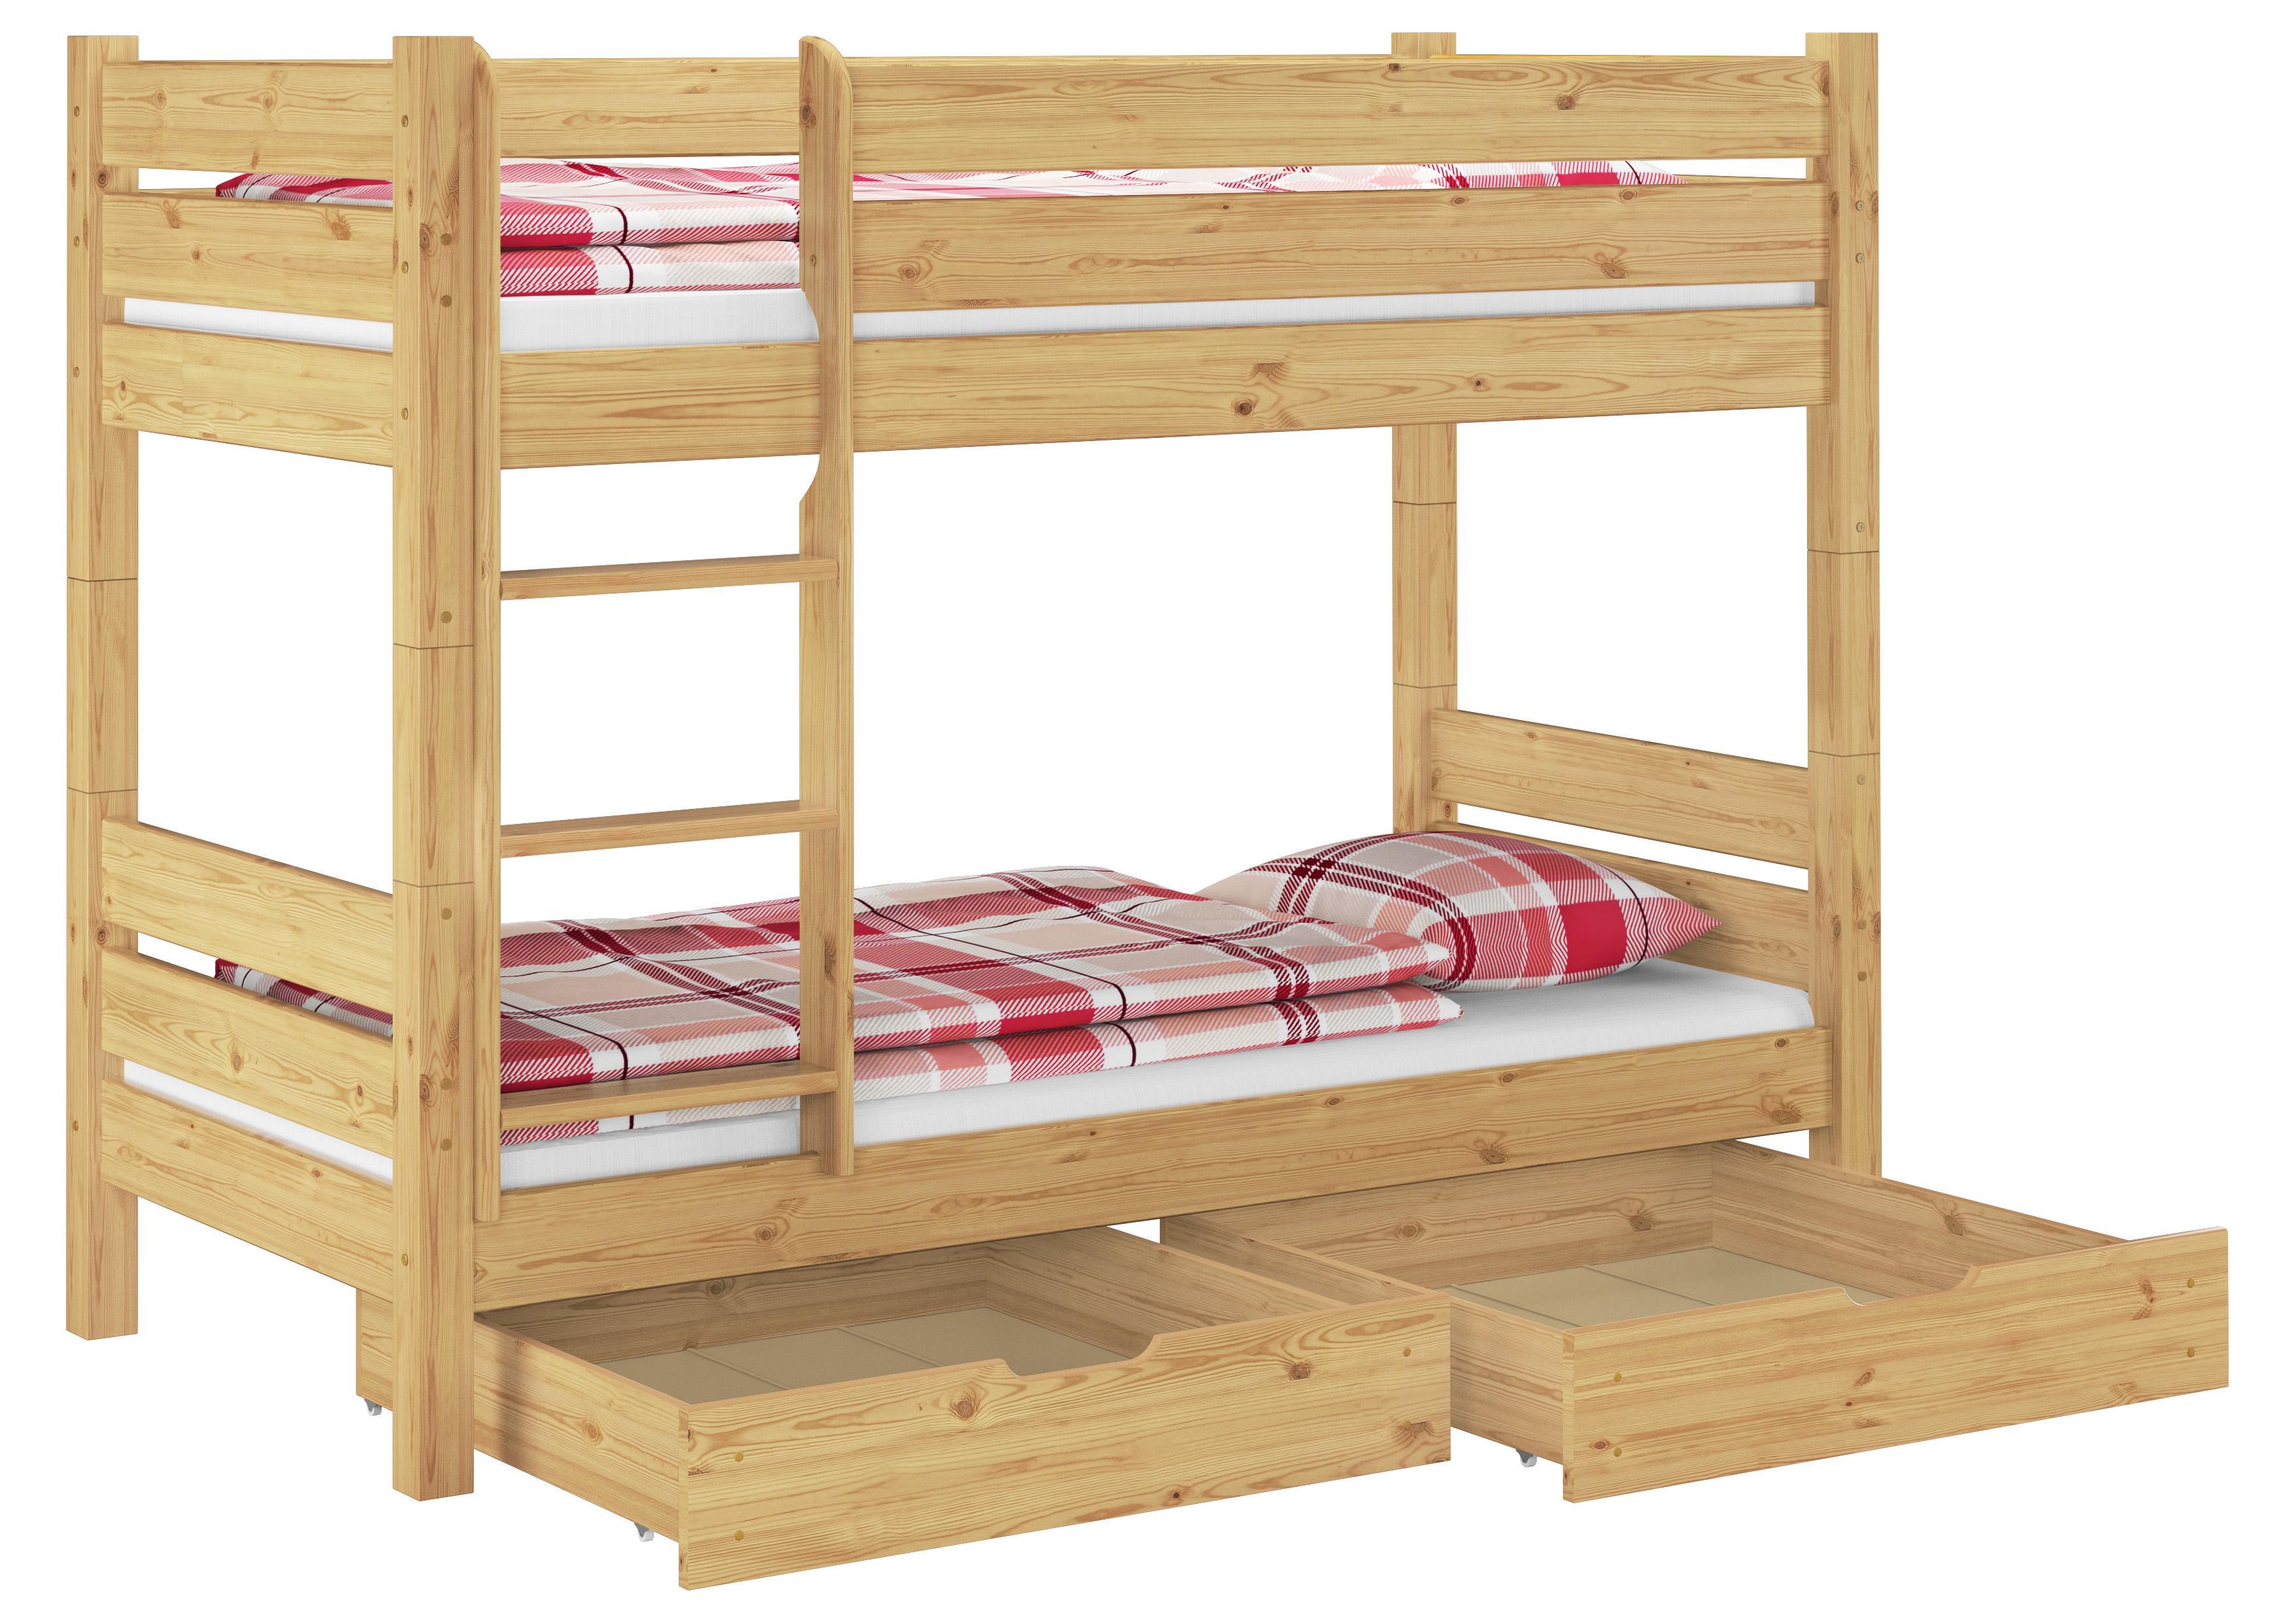 Etagenbetten Für Erwachsene Günstig : Erst holz® etagenbett für erwachsene kiefer 90x200 hochbett teilbar